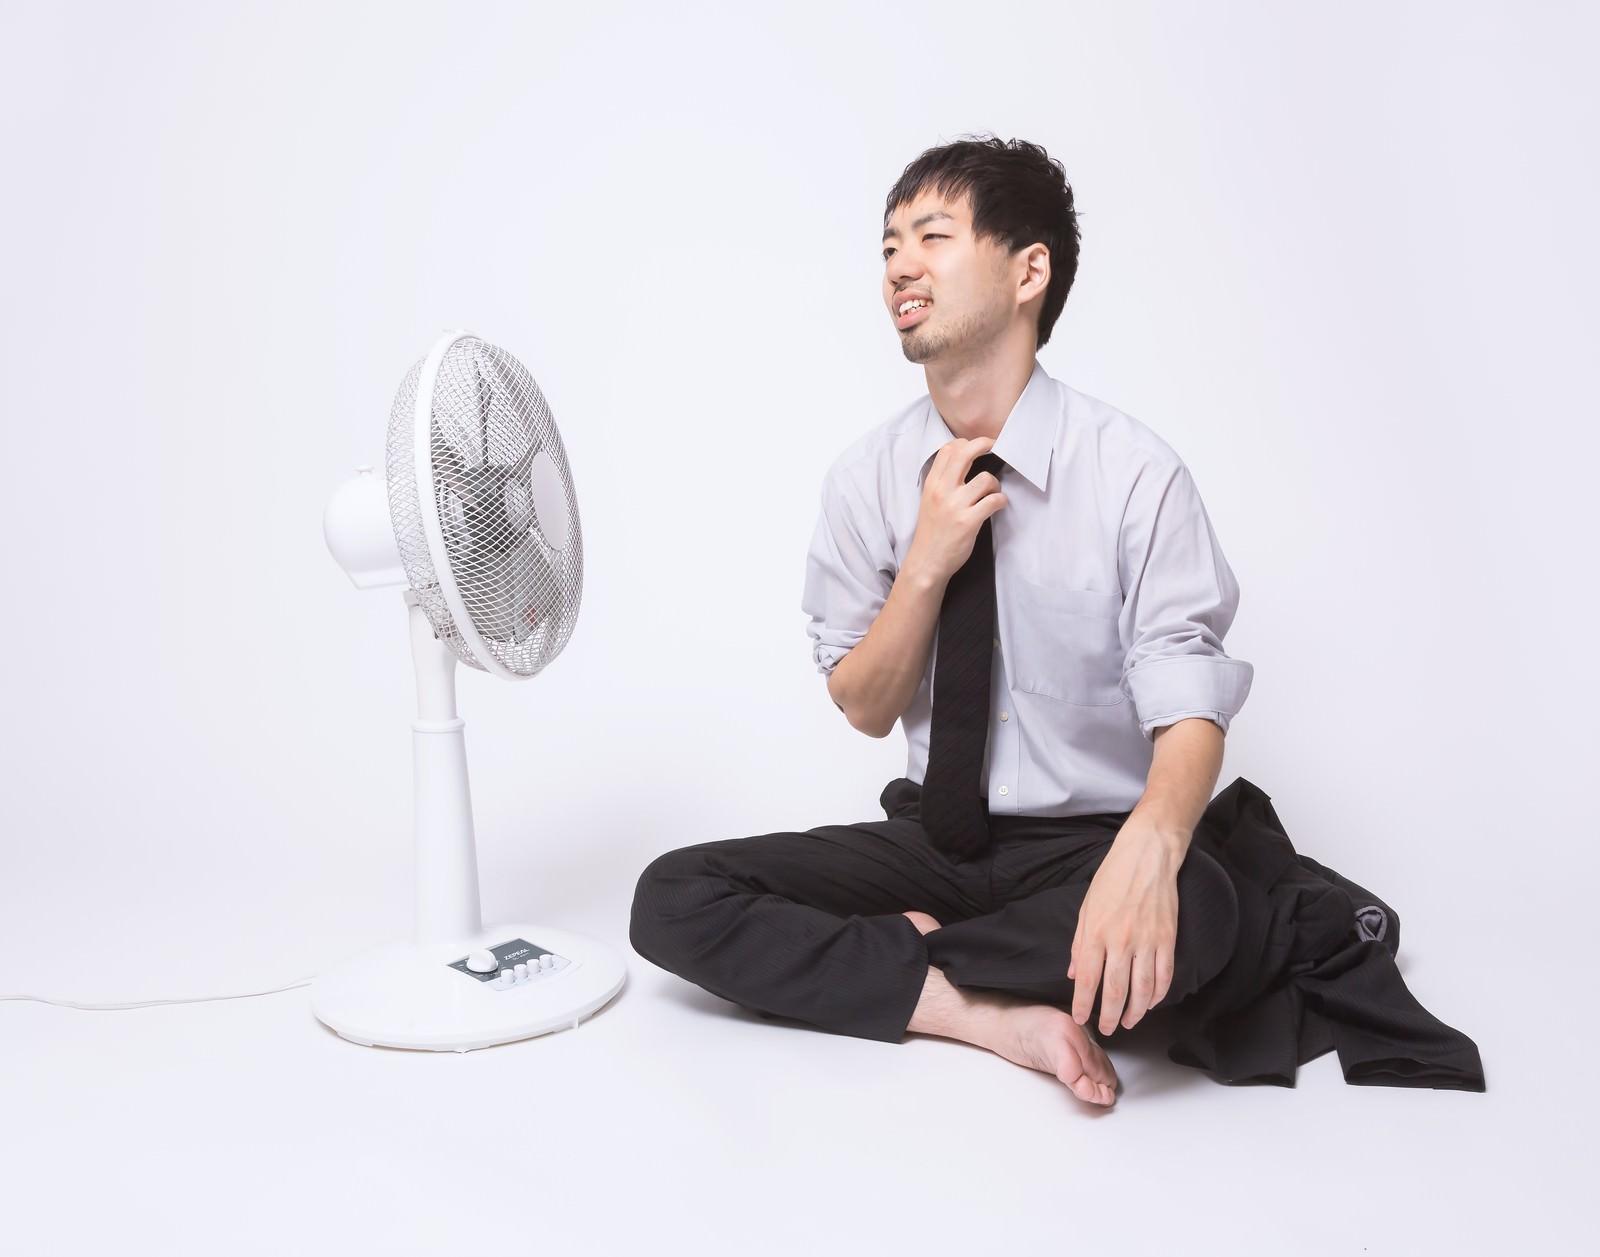 「暑すぎて上着を脱いで扇風機に当たる会社員」の写真[モデル:ひろゆき]